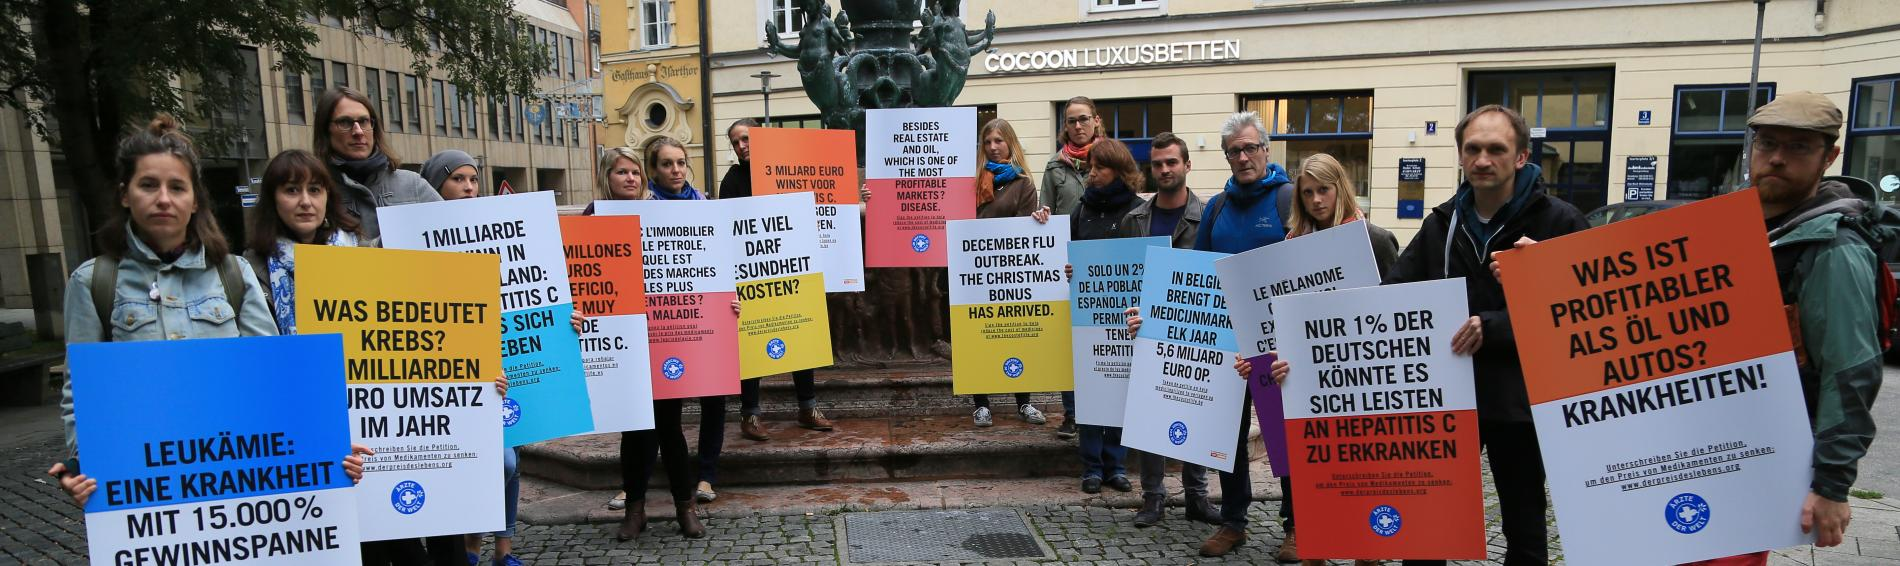 Ärzte der Welt-Mitarbeiter protestieren gegen Wucherpreise für Medikamente